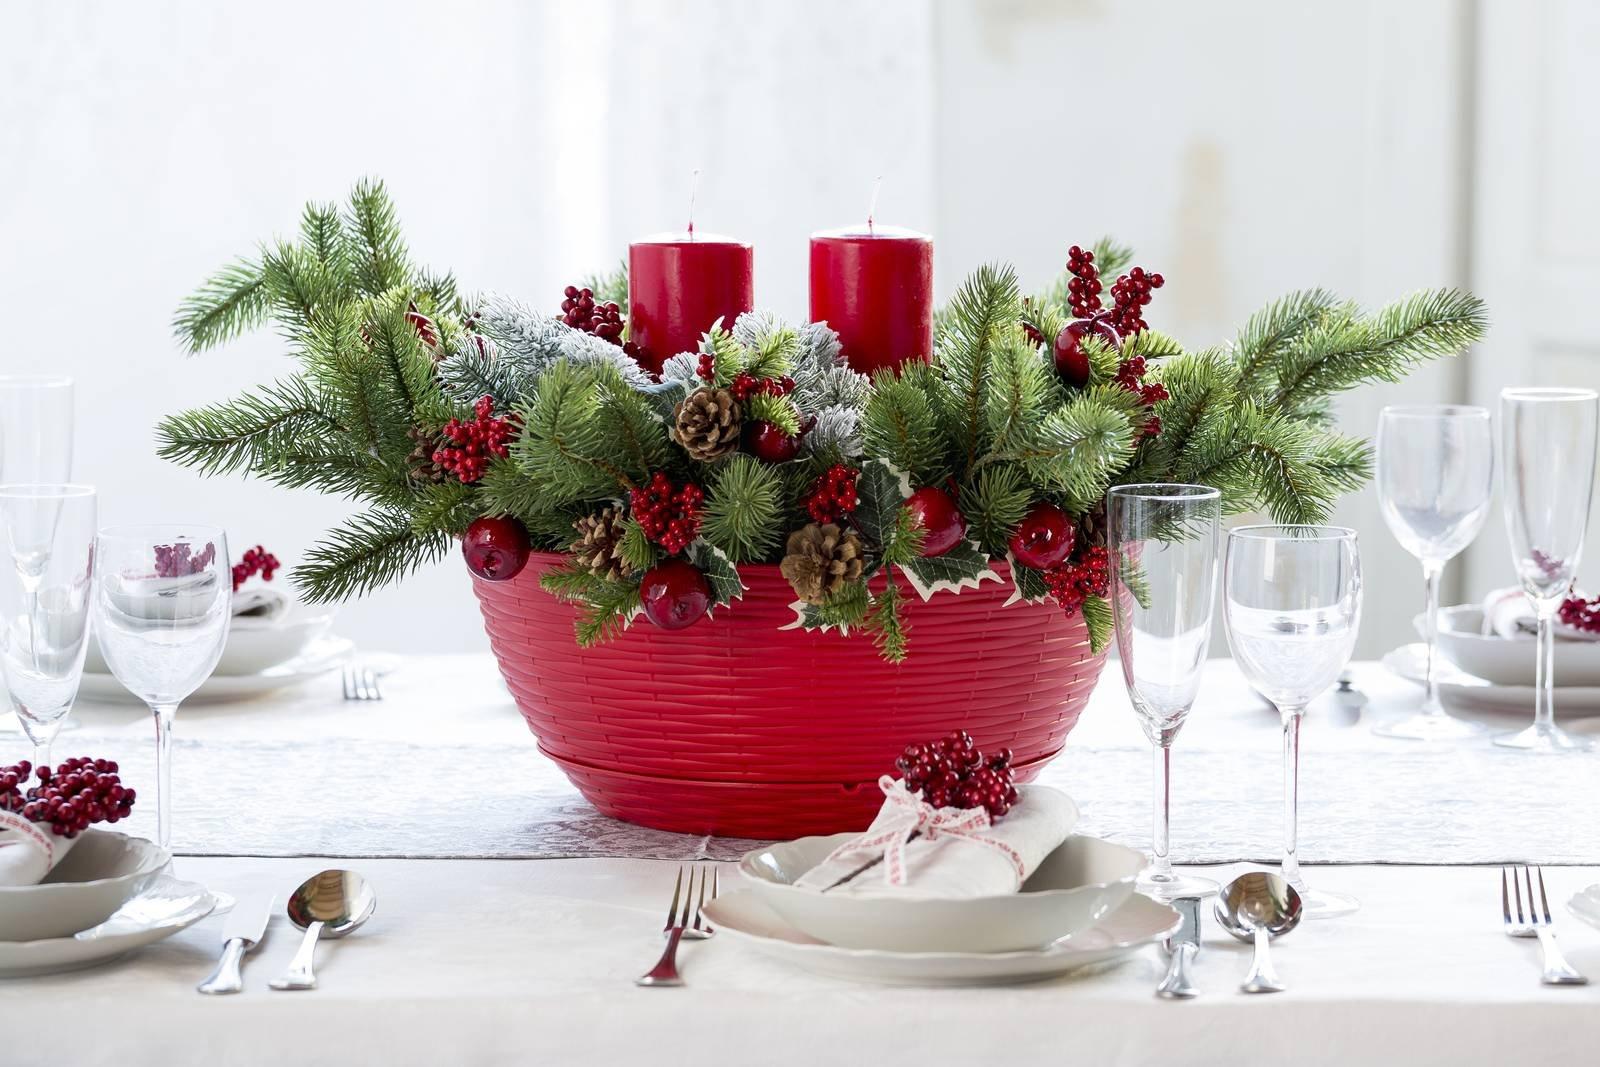 Tavola Di Natale 10 Proposte In Colori E Stili Diversi Cose Di Casa